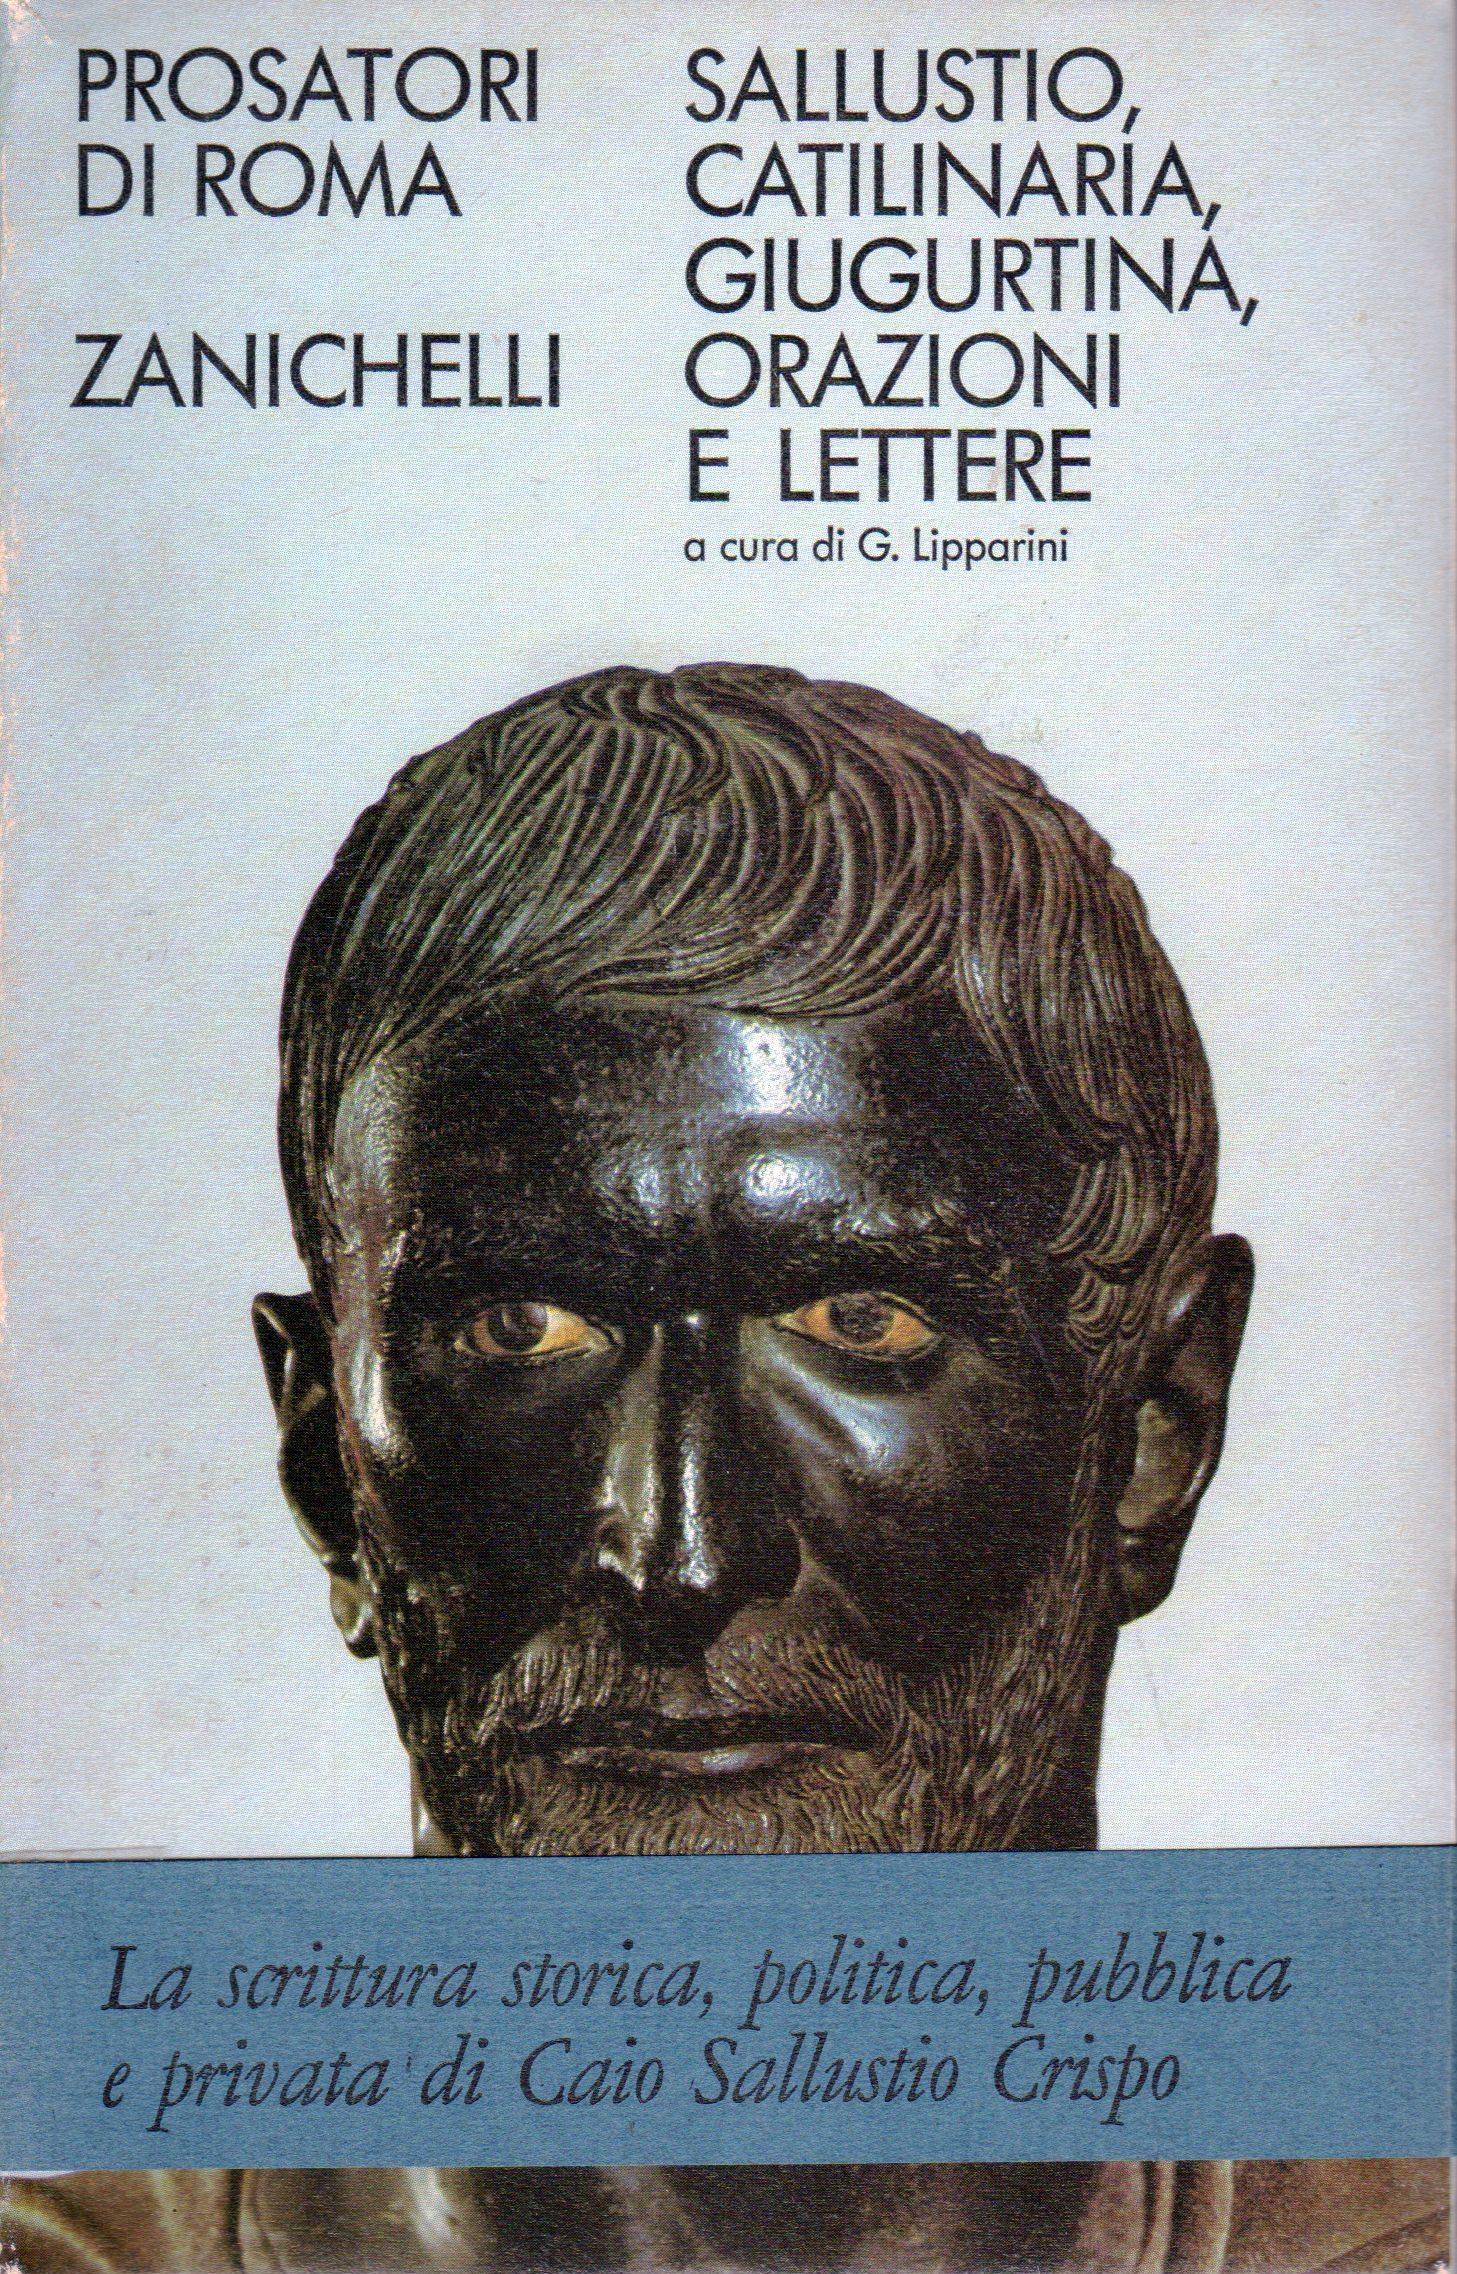 La congiura di Catilina - La guerra Giugurtina - Orazioni e lettere